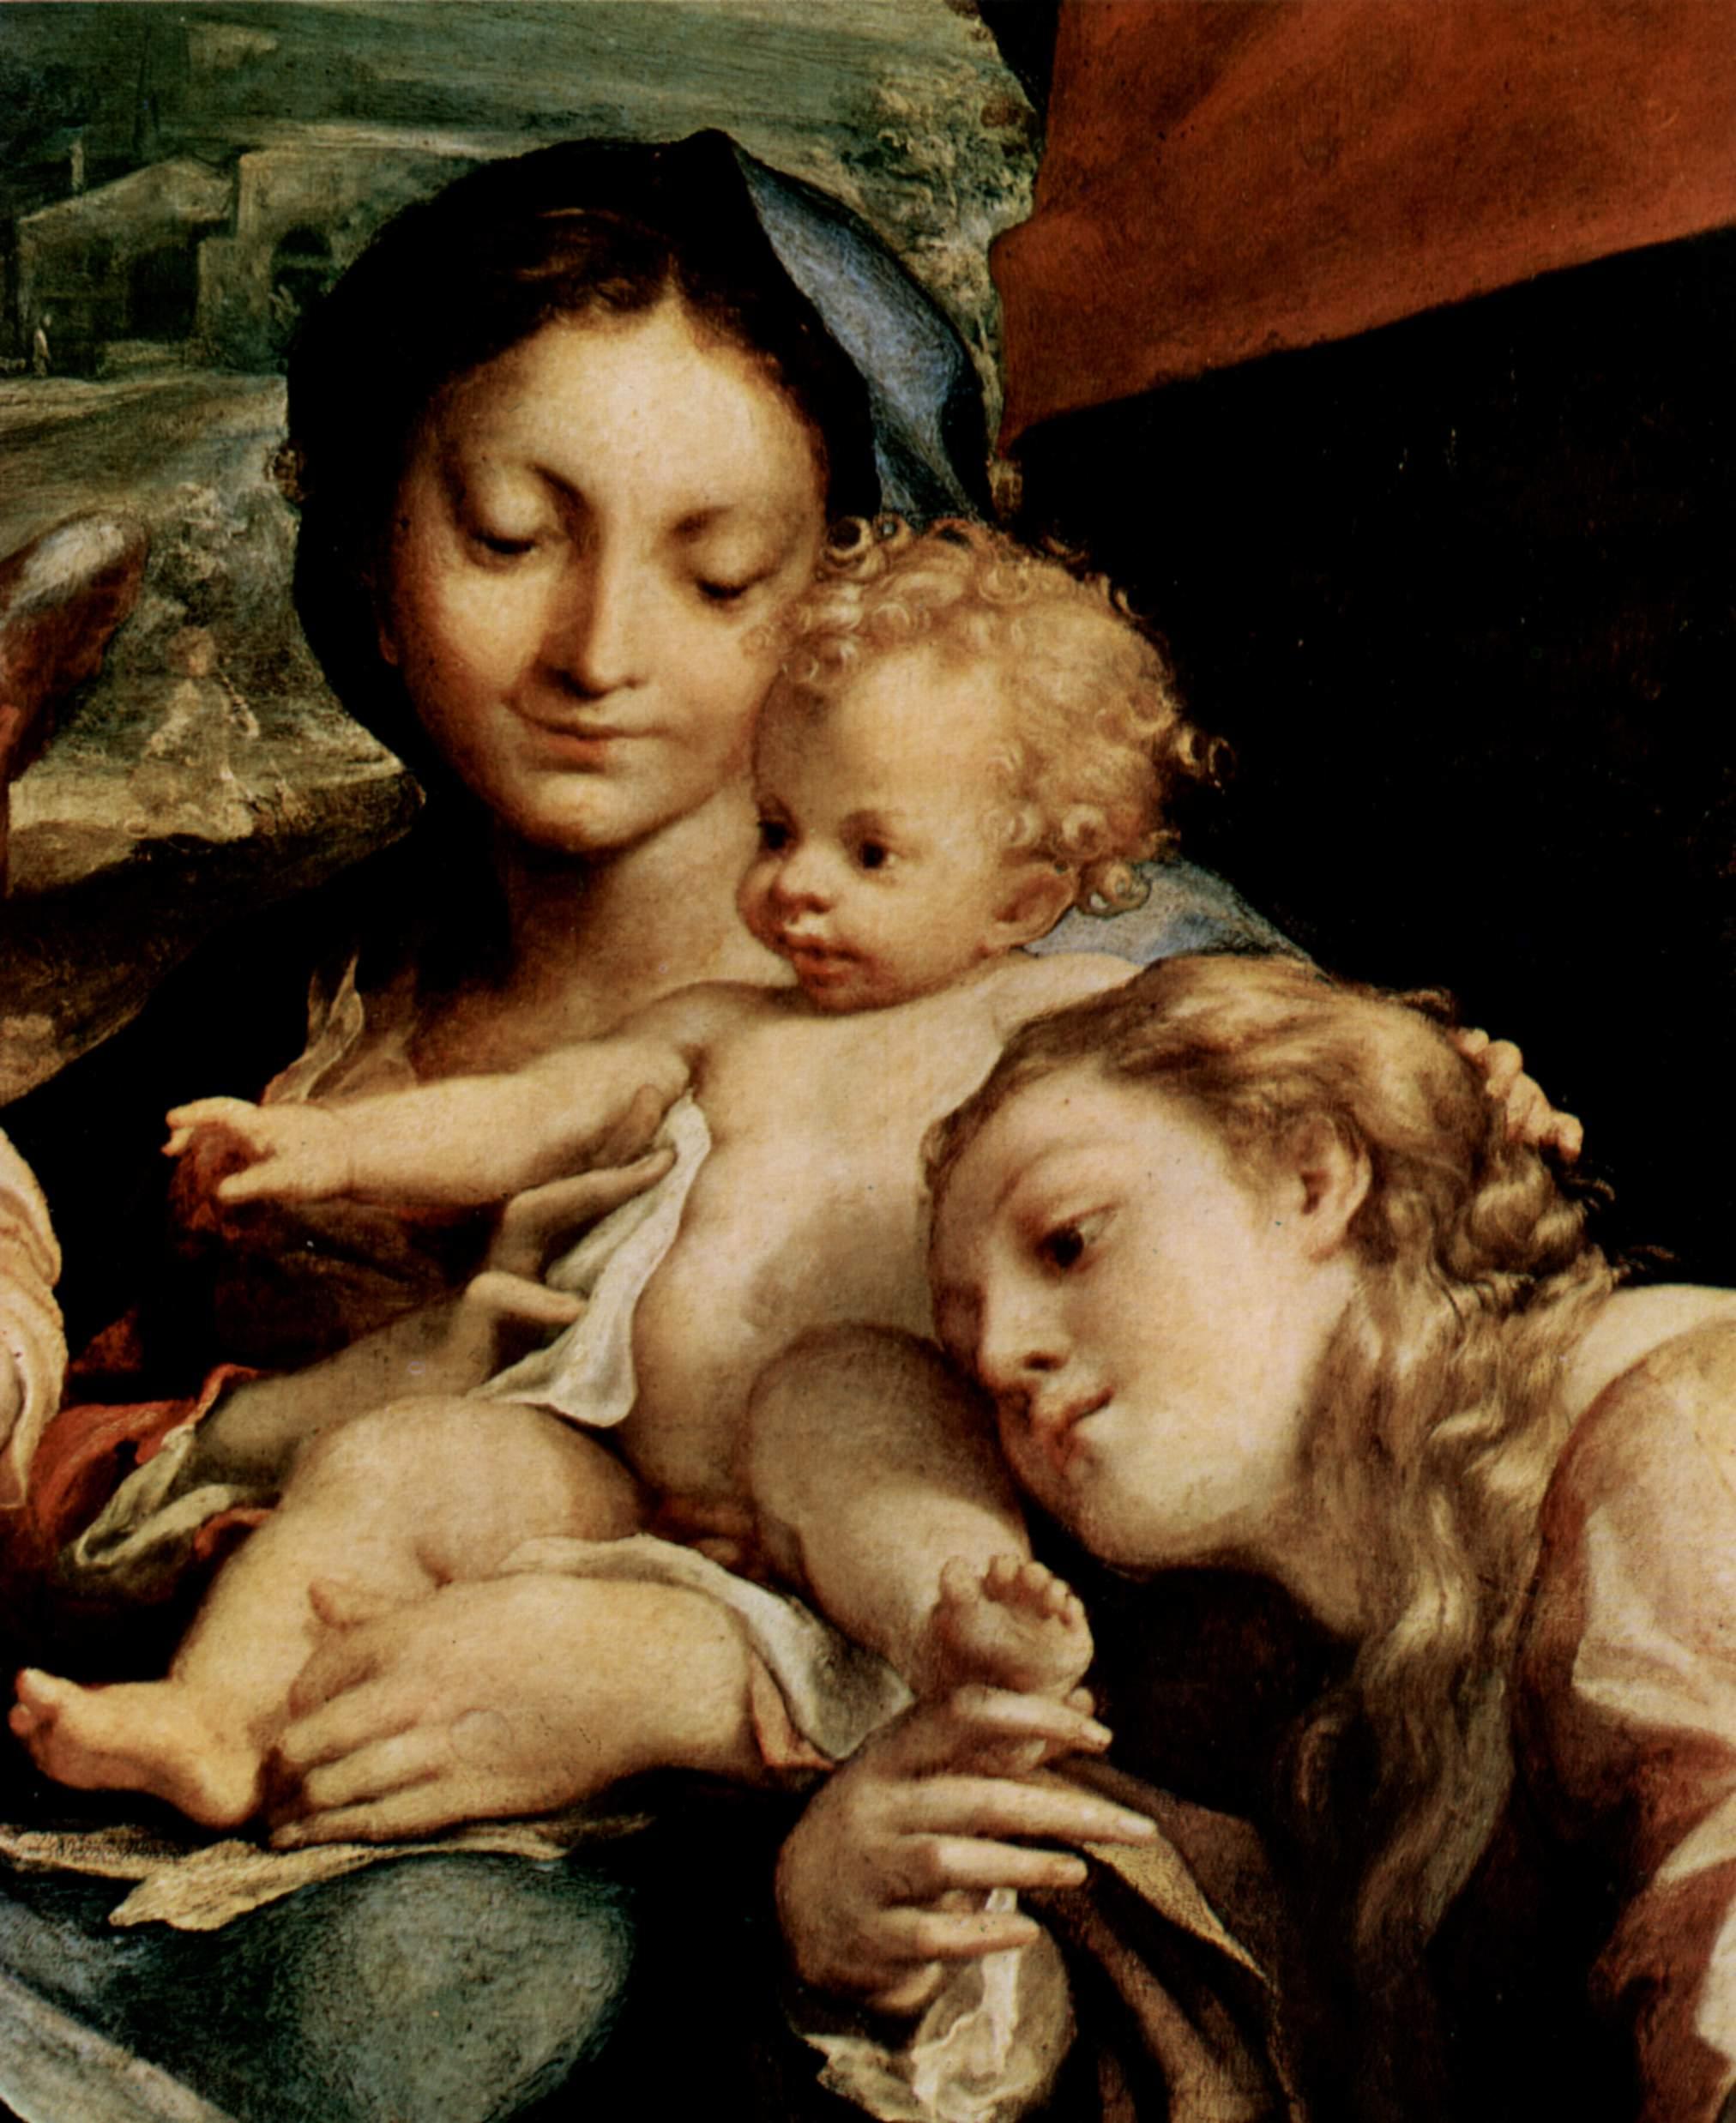 Favoloso La Madonna - I 33 Dipinti più belli di tutti i tempi | Pescini.com LT07